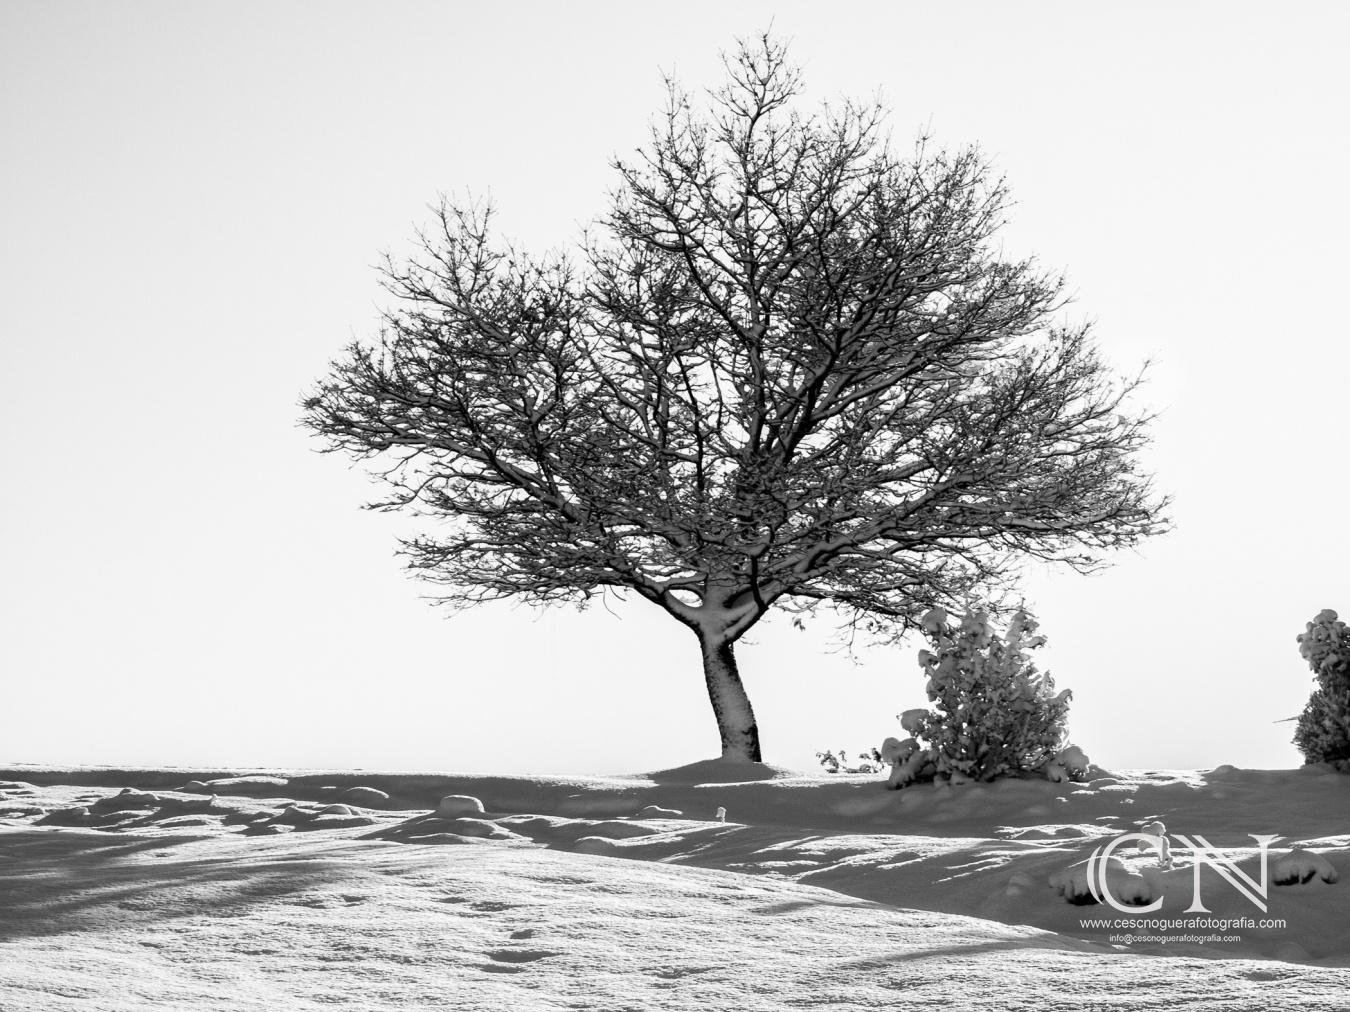 Paisatge i Natura - Cesc Noguera Fotografia, Quan la fotografia és una passió.,  Architectural & Interior design photographer / Landscape Photography.